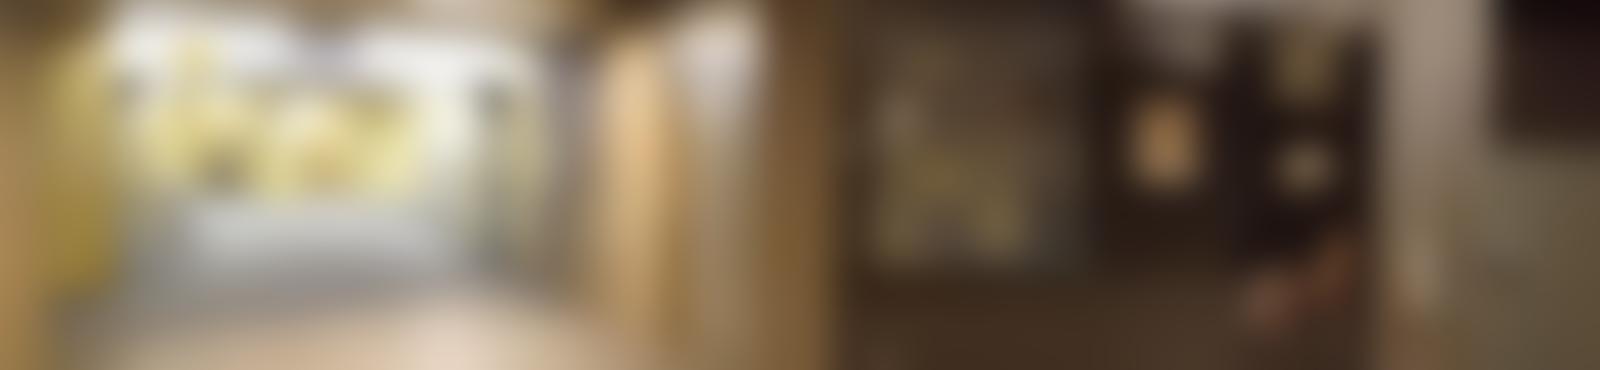 Blurred 848d67bd 79e1 4883 b077 8ec64041e82c